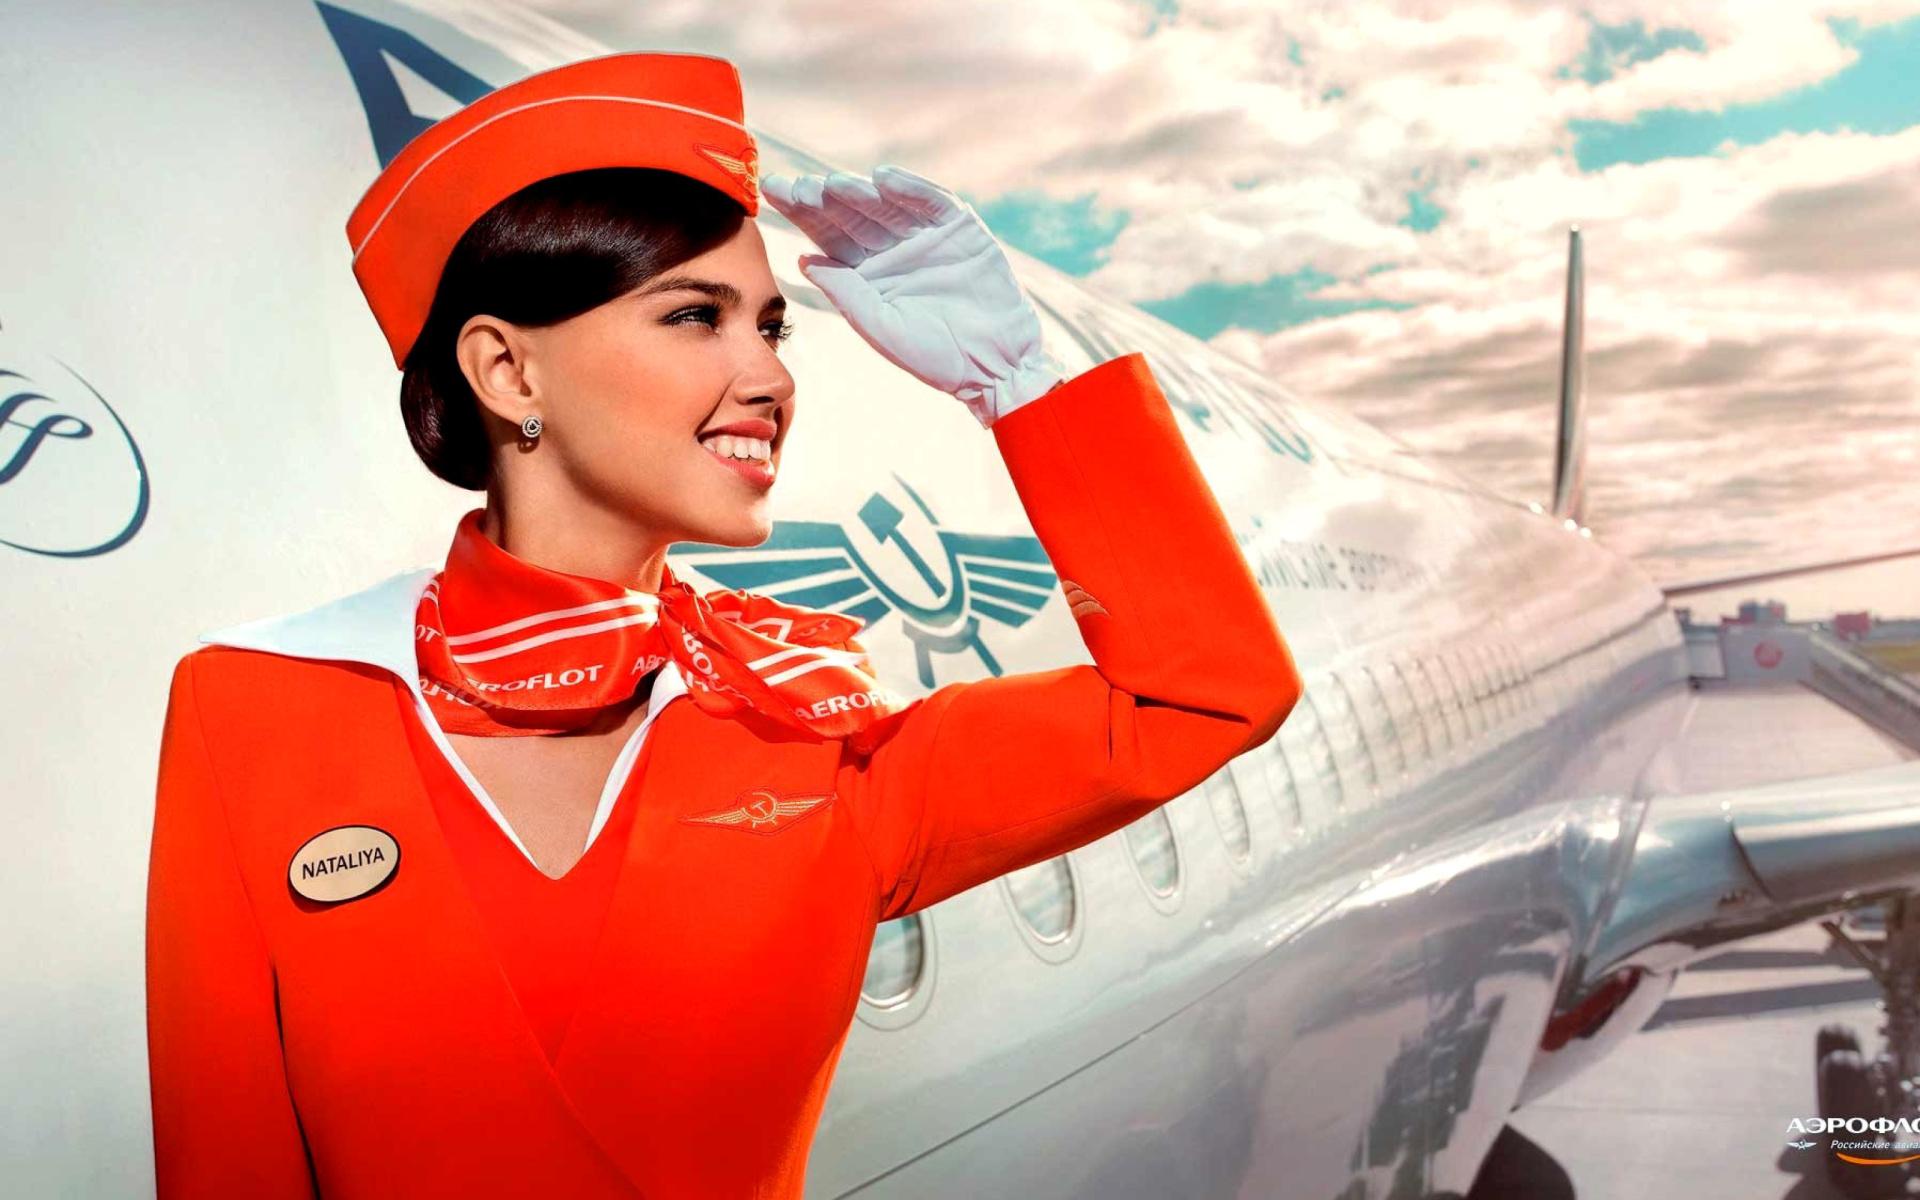 career as an air hostess